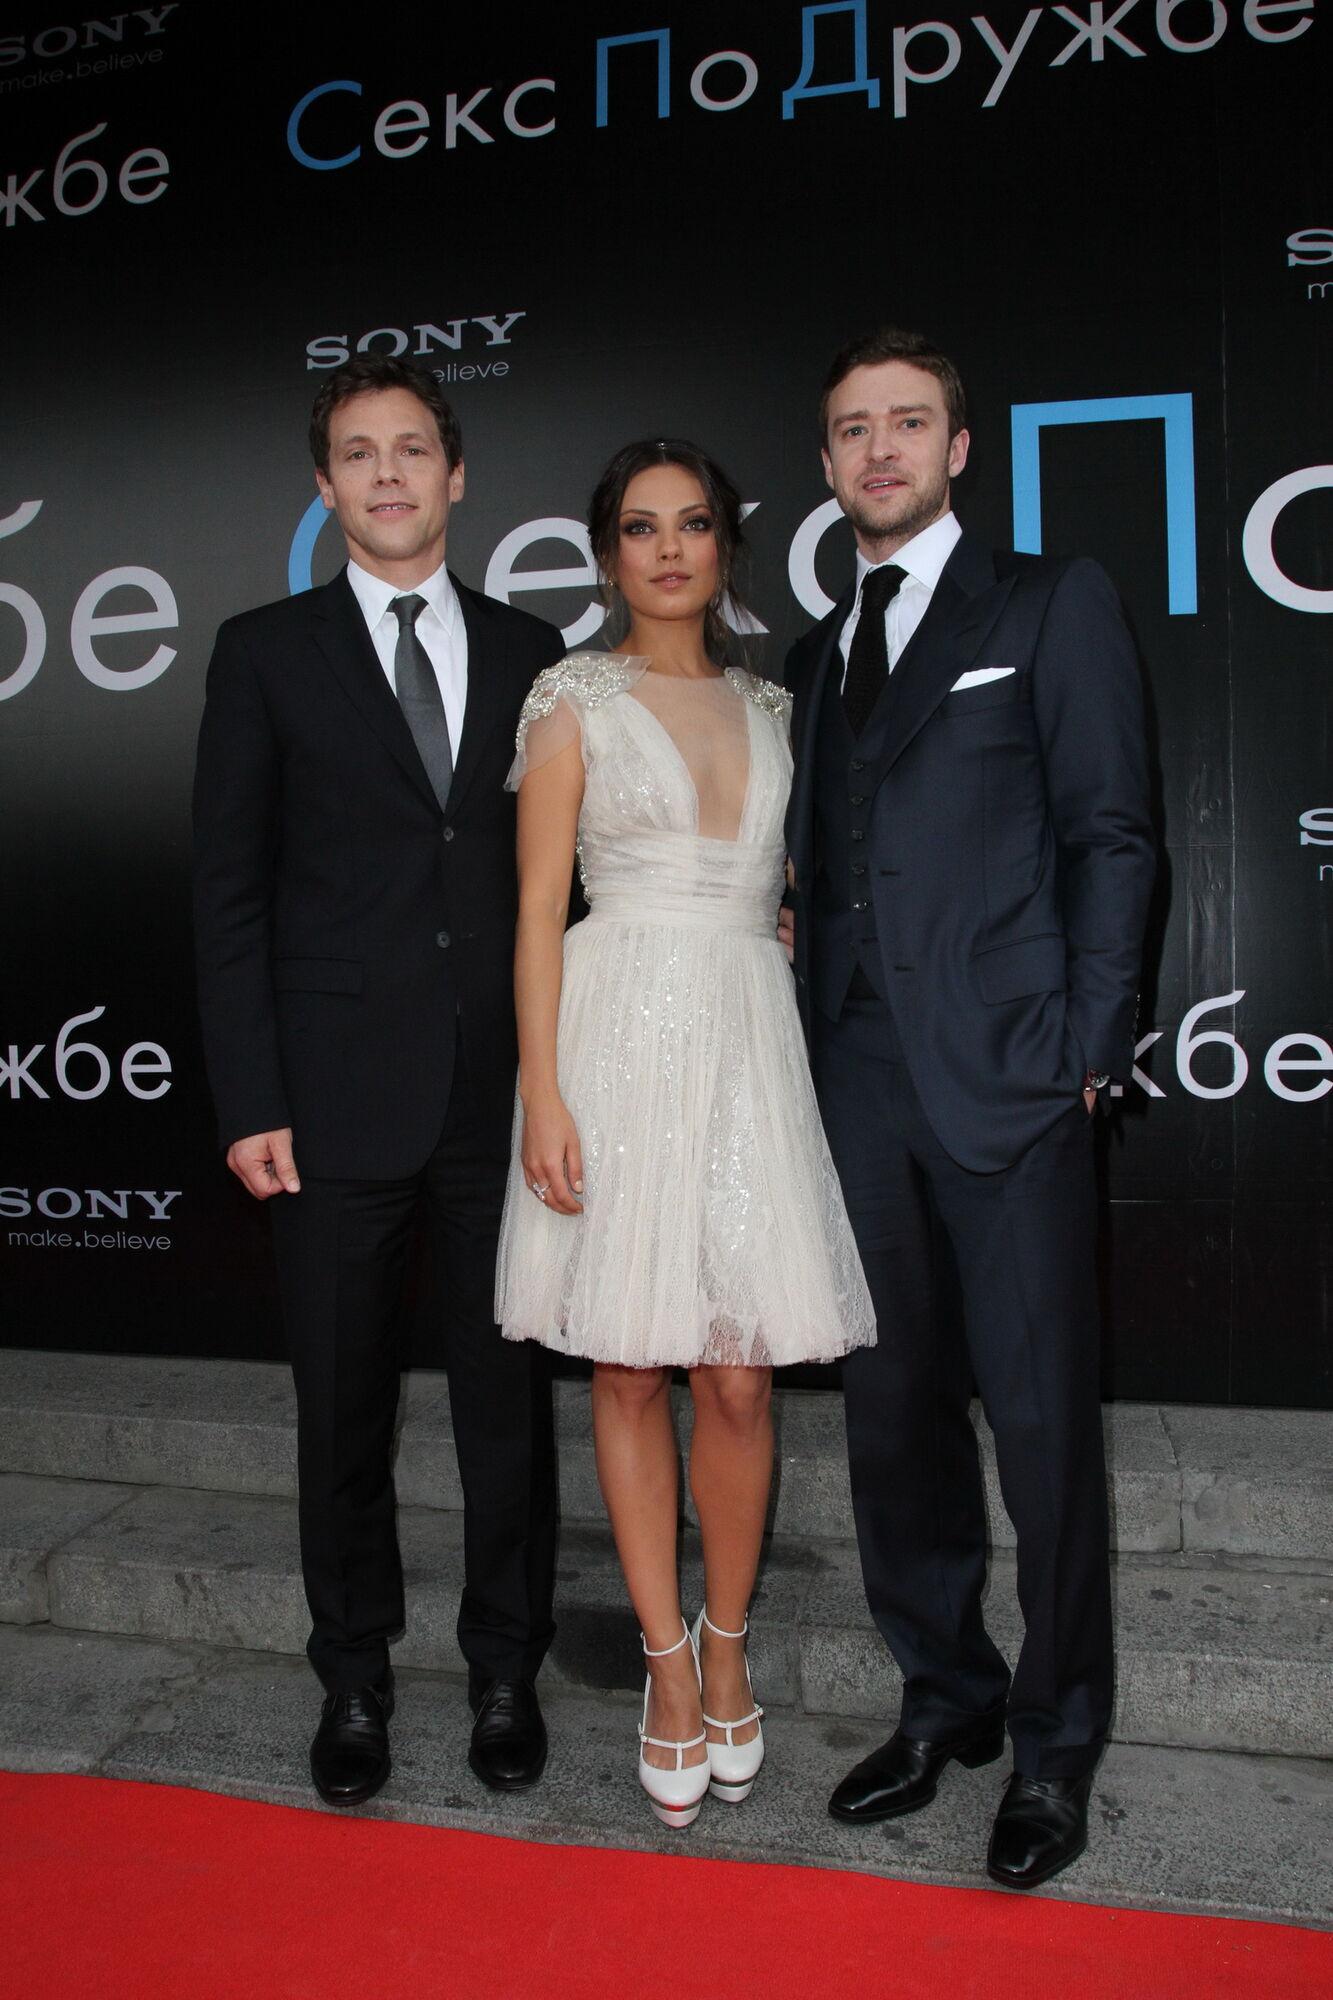 Джастин Тимберлэйк и Мила Кунис: дружеский секс в Москве